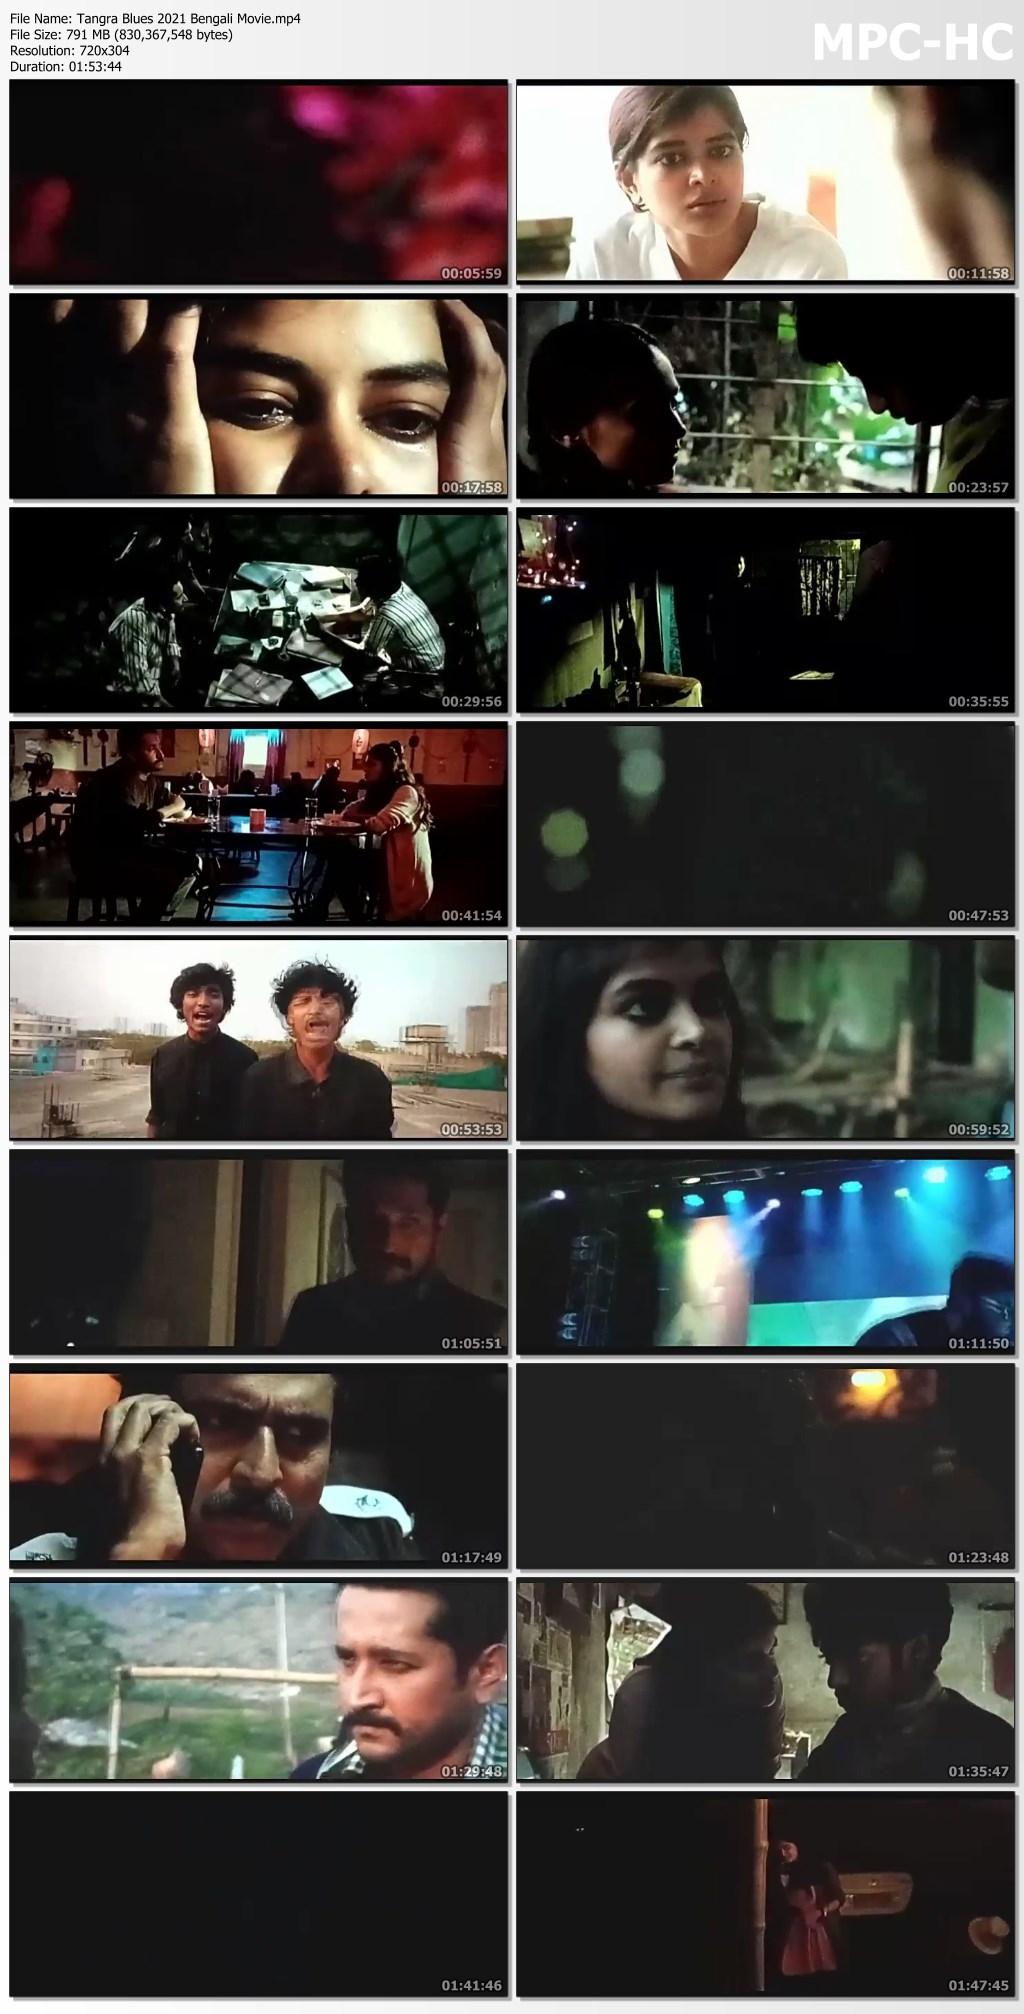 Tangra Blues 2021 Bengali Movie.mp4 thumbs